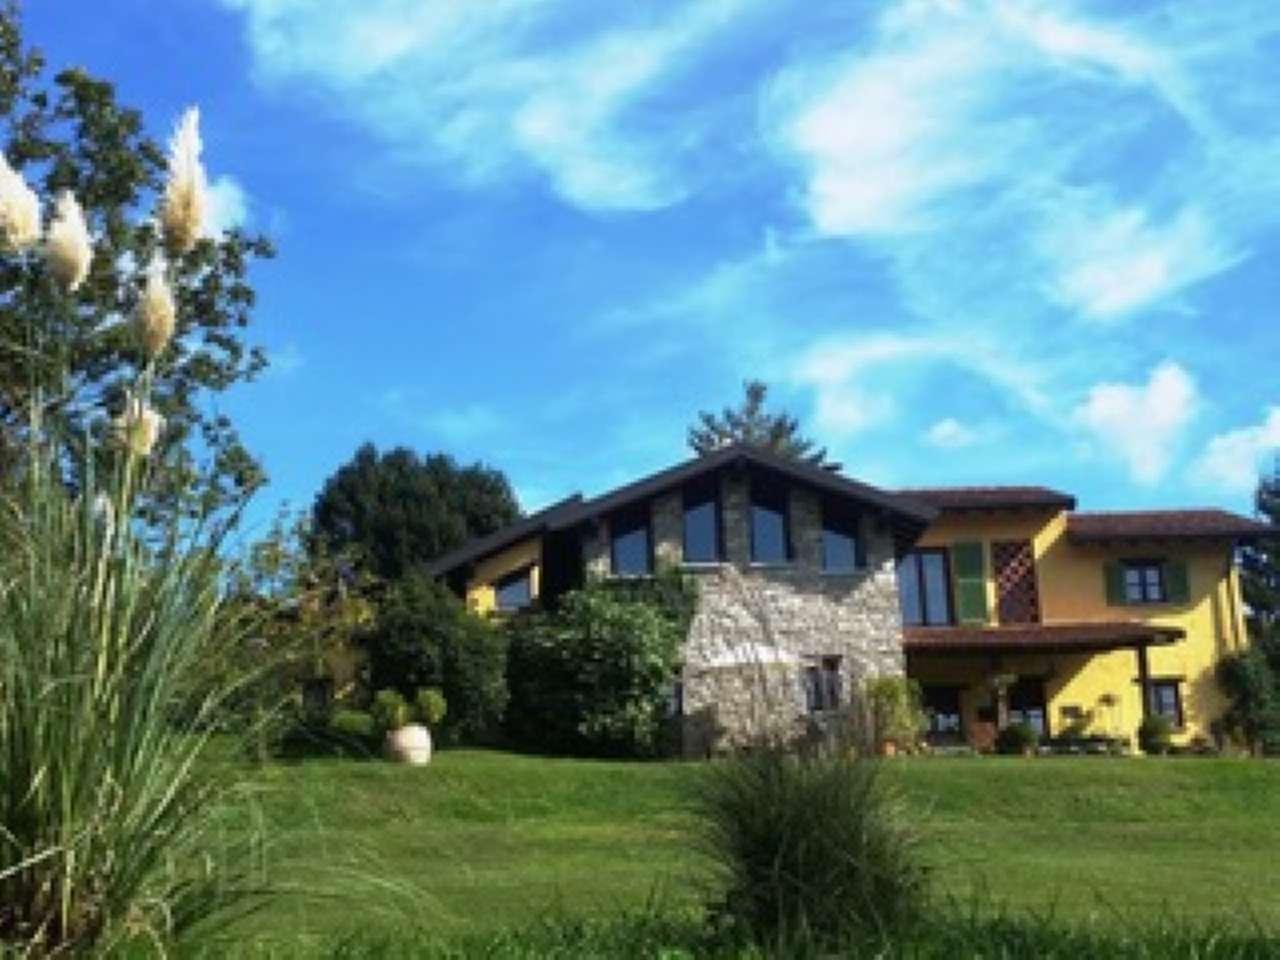 Villa in vendita a Rancio Valcuvia, 9999 locali, prezzo € 880.000 | CambioCasa.it